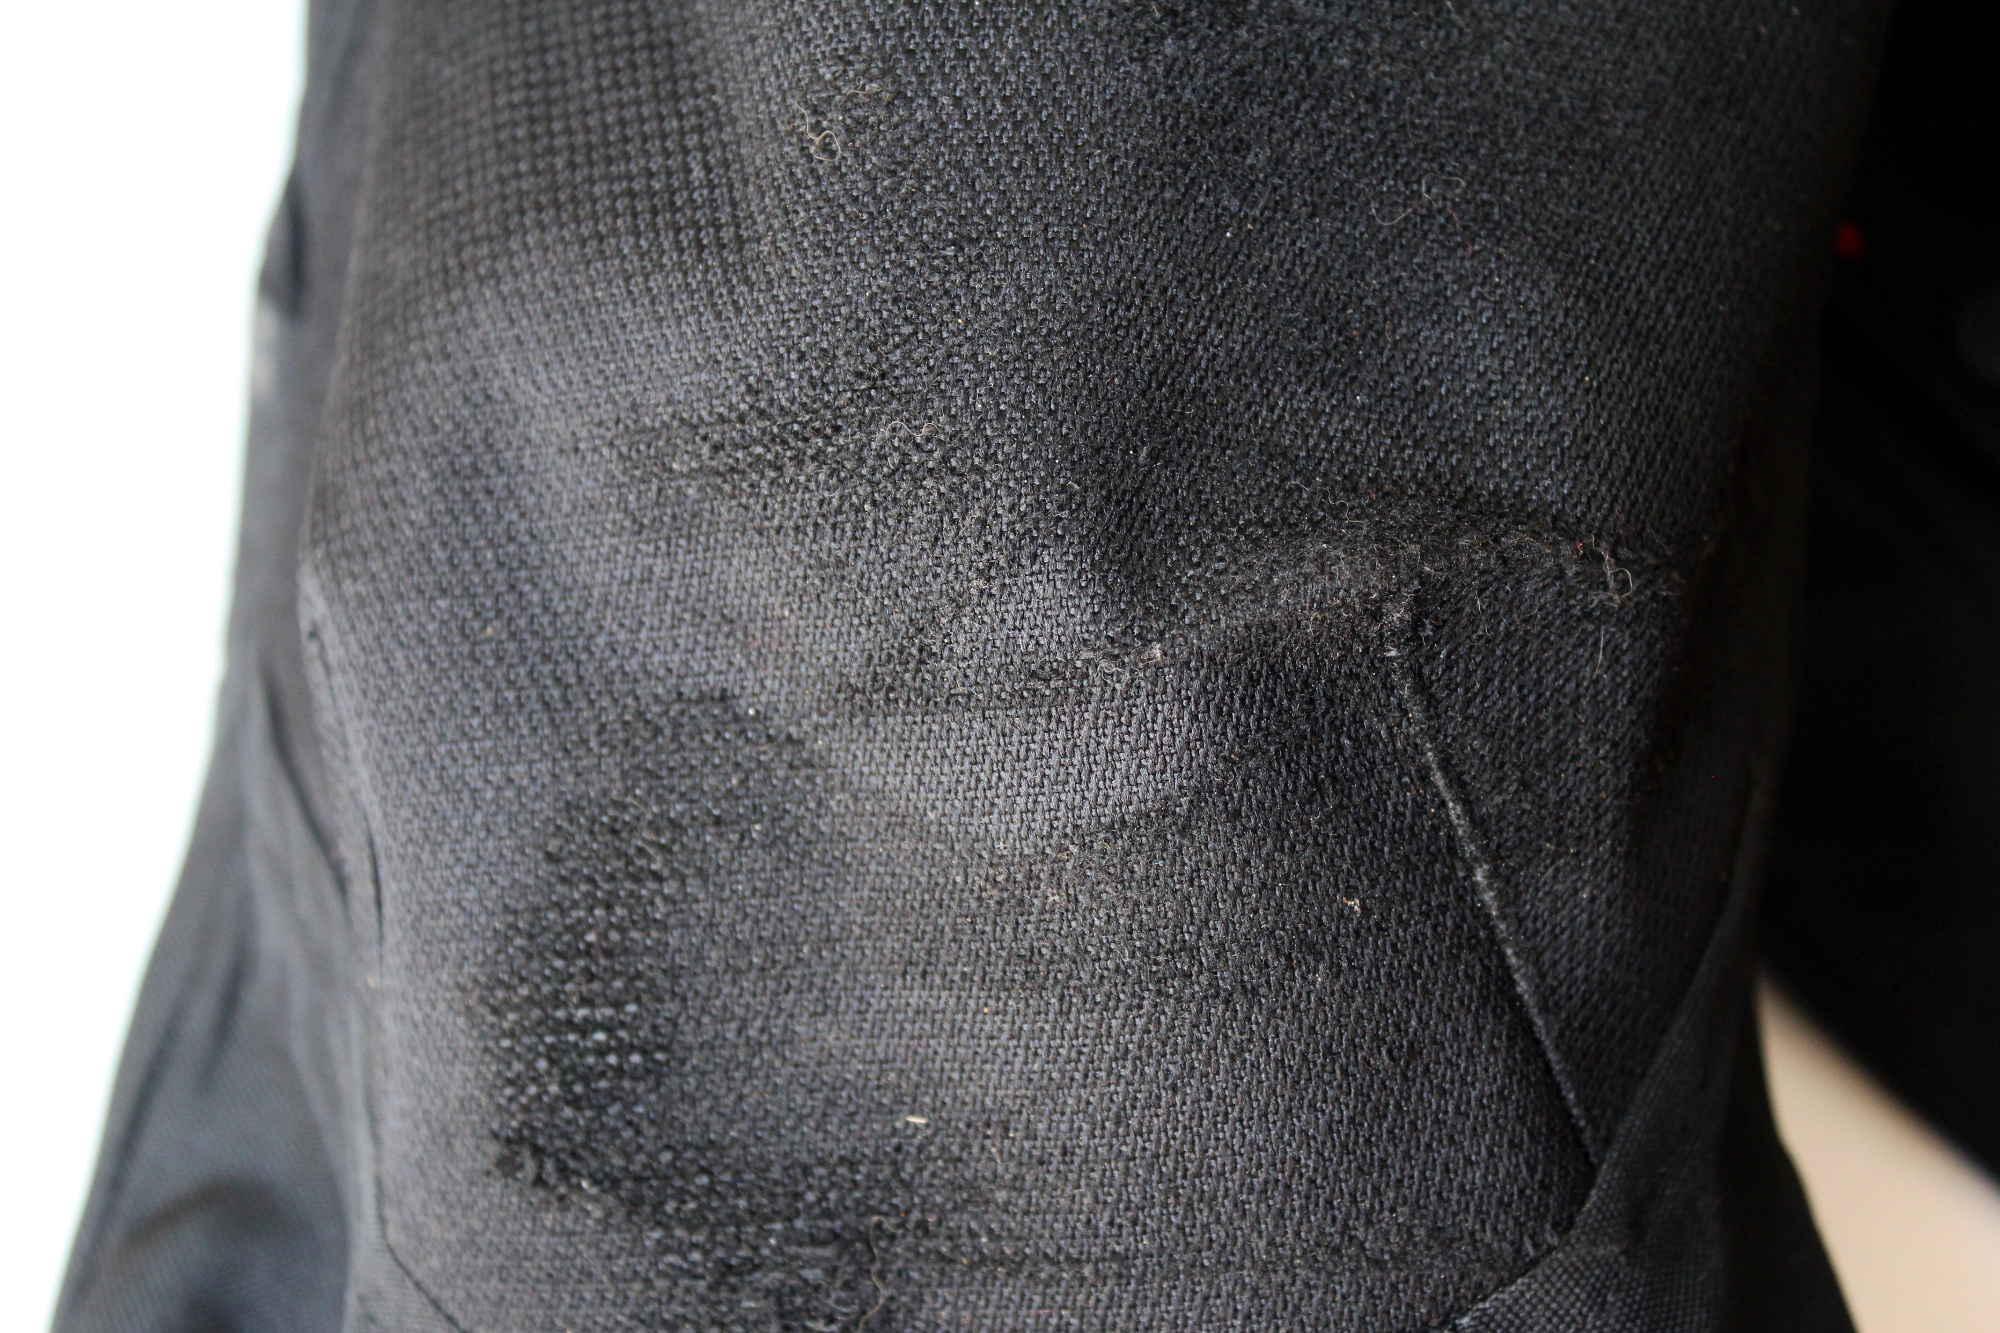 Probado y demostrado: Las inserciones de Riplan resultaron realmente resistentes a la abrasión